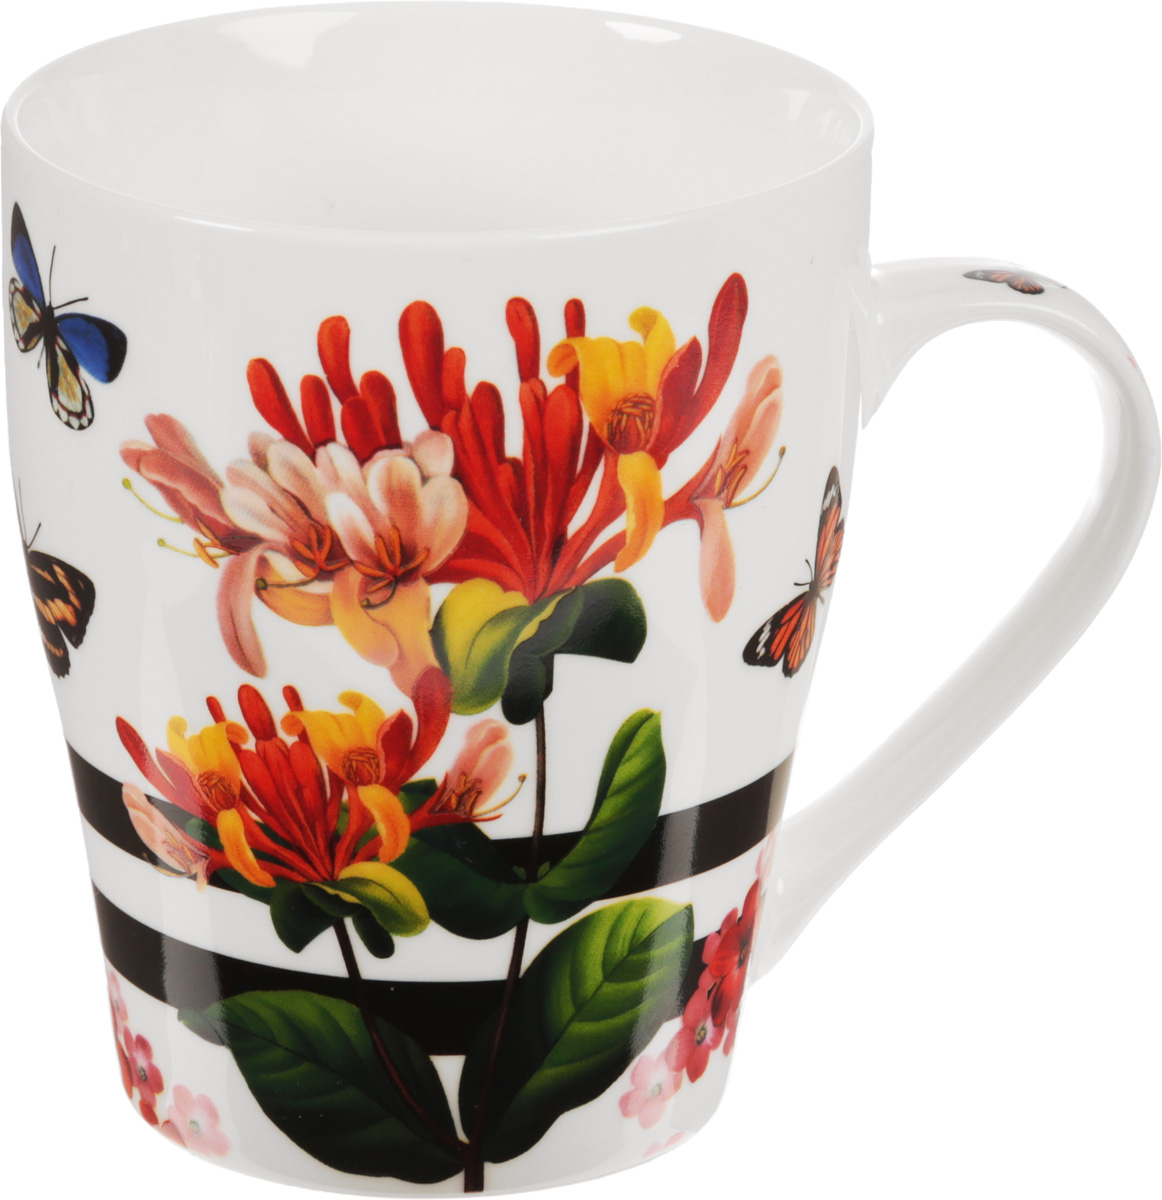 Кружка Loraine Цветы, 340 мл. 24450_268/5/4Кружка Loraine Цветы, изготовленная из костяного фарфора, оснащена удобной ручкой и оформлена красочным изображением. Благодаря своим термостатическим свойствам, изделие отлично сохраняет температуру содержимого. Диаметр (по верхнему краю): 8,3 см. Высота кружки: 10 см. Объем: 340 мл.